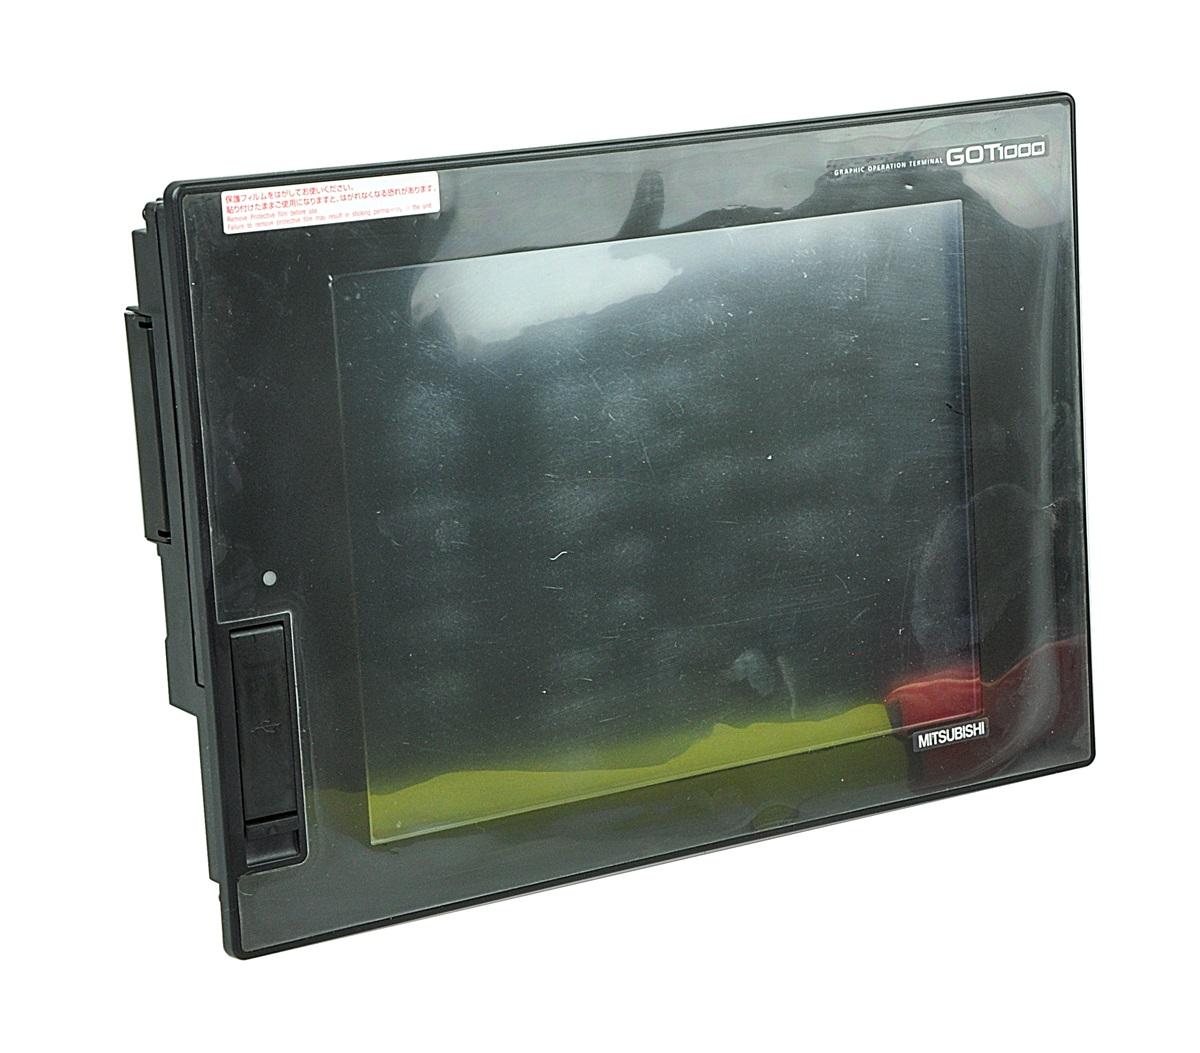 Gt1675m-vtbd mitsubishi dotykový panel HMI GOT1000